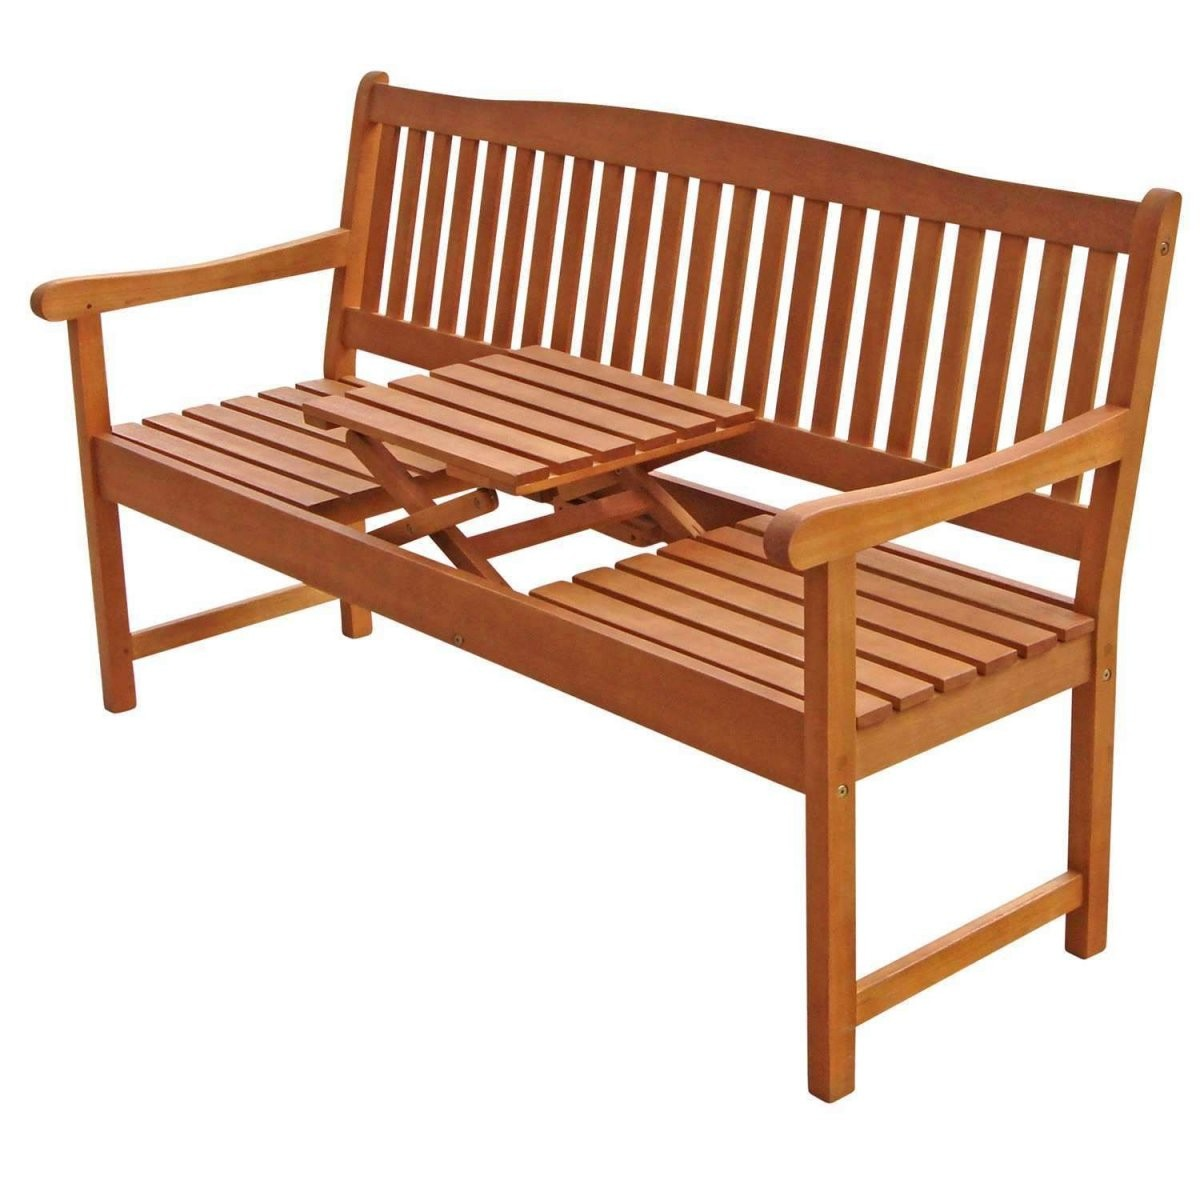 45 Neu Gartenbank Mit Tisch Bild  Vervollständigen Sie Die von Holzbank Mit Integriertem Tisch Photo